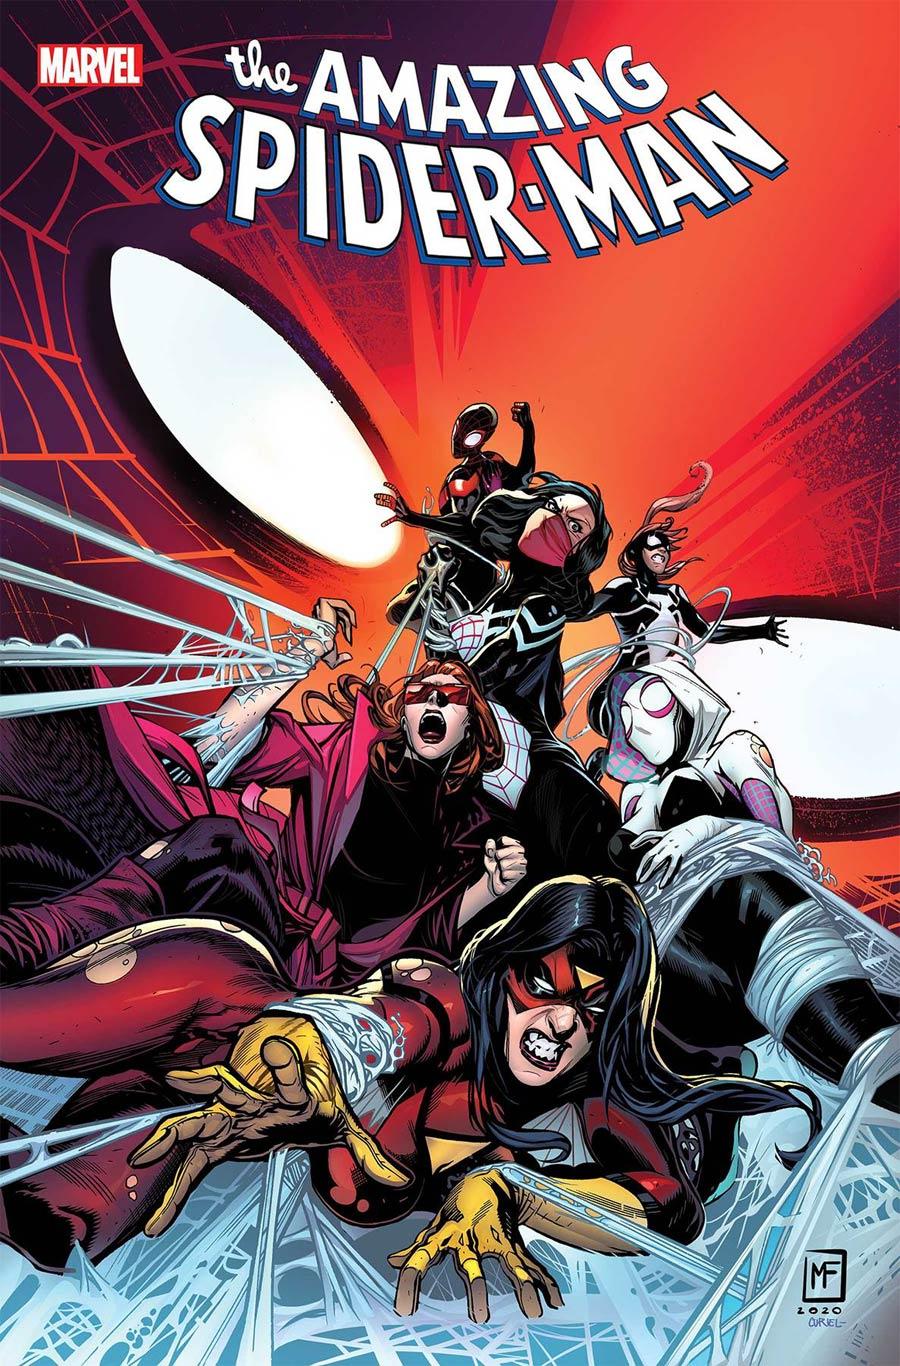 Amazing Spider-Man #53LR